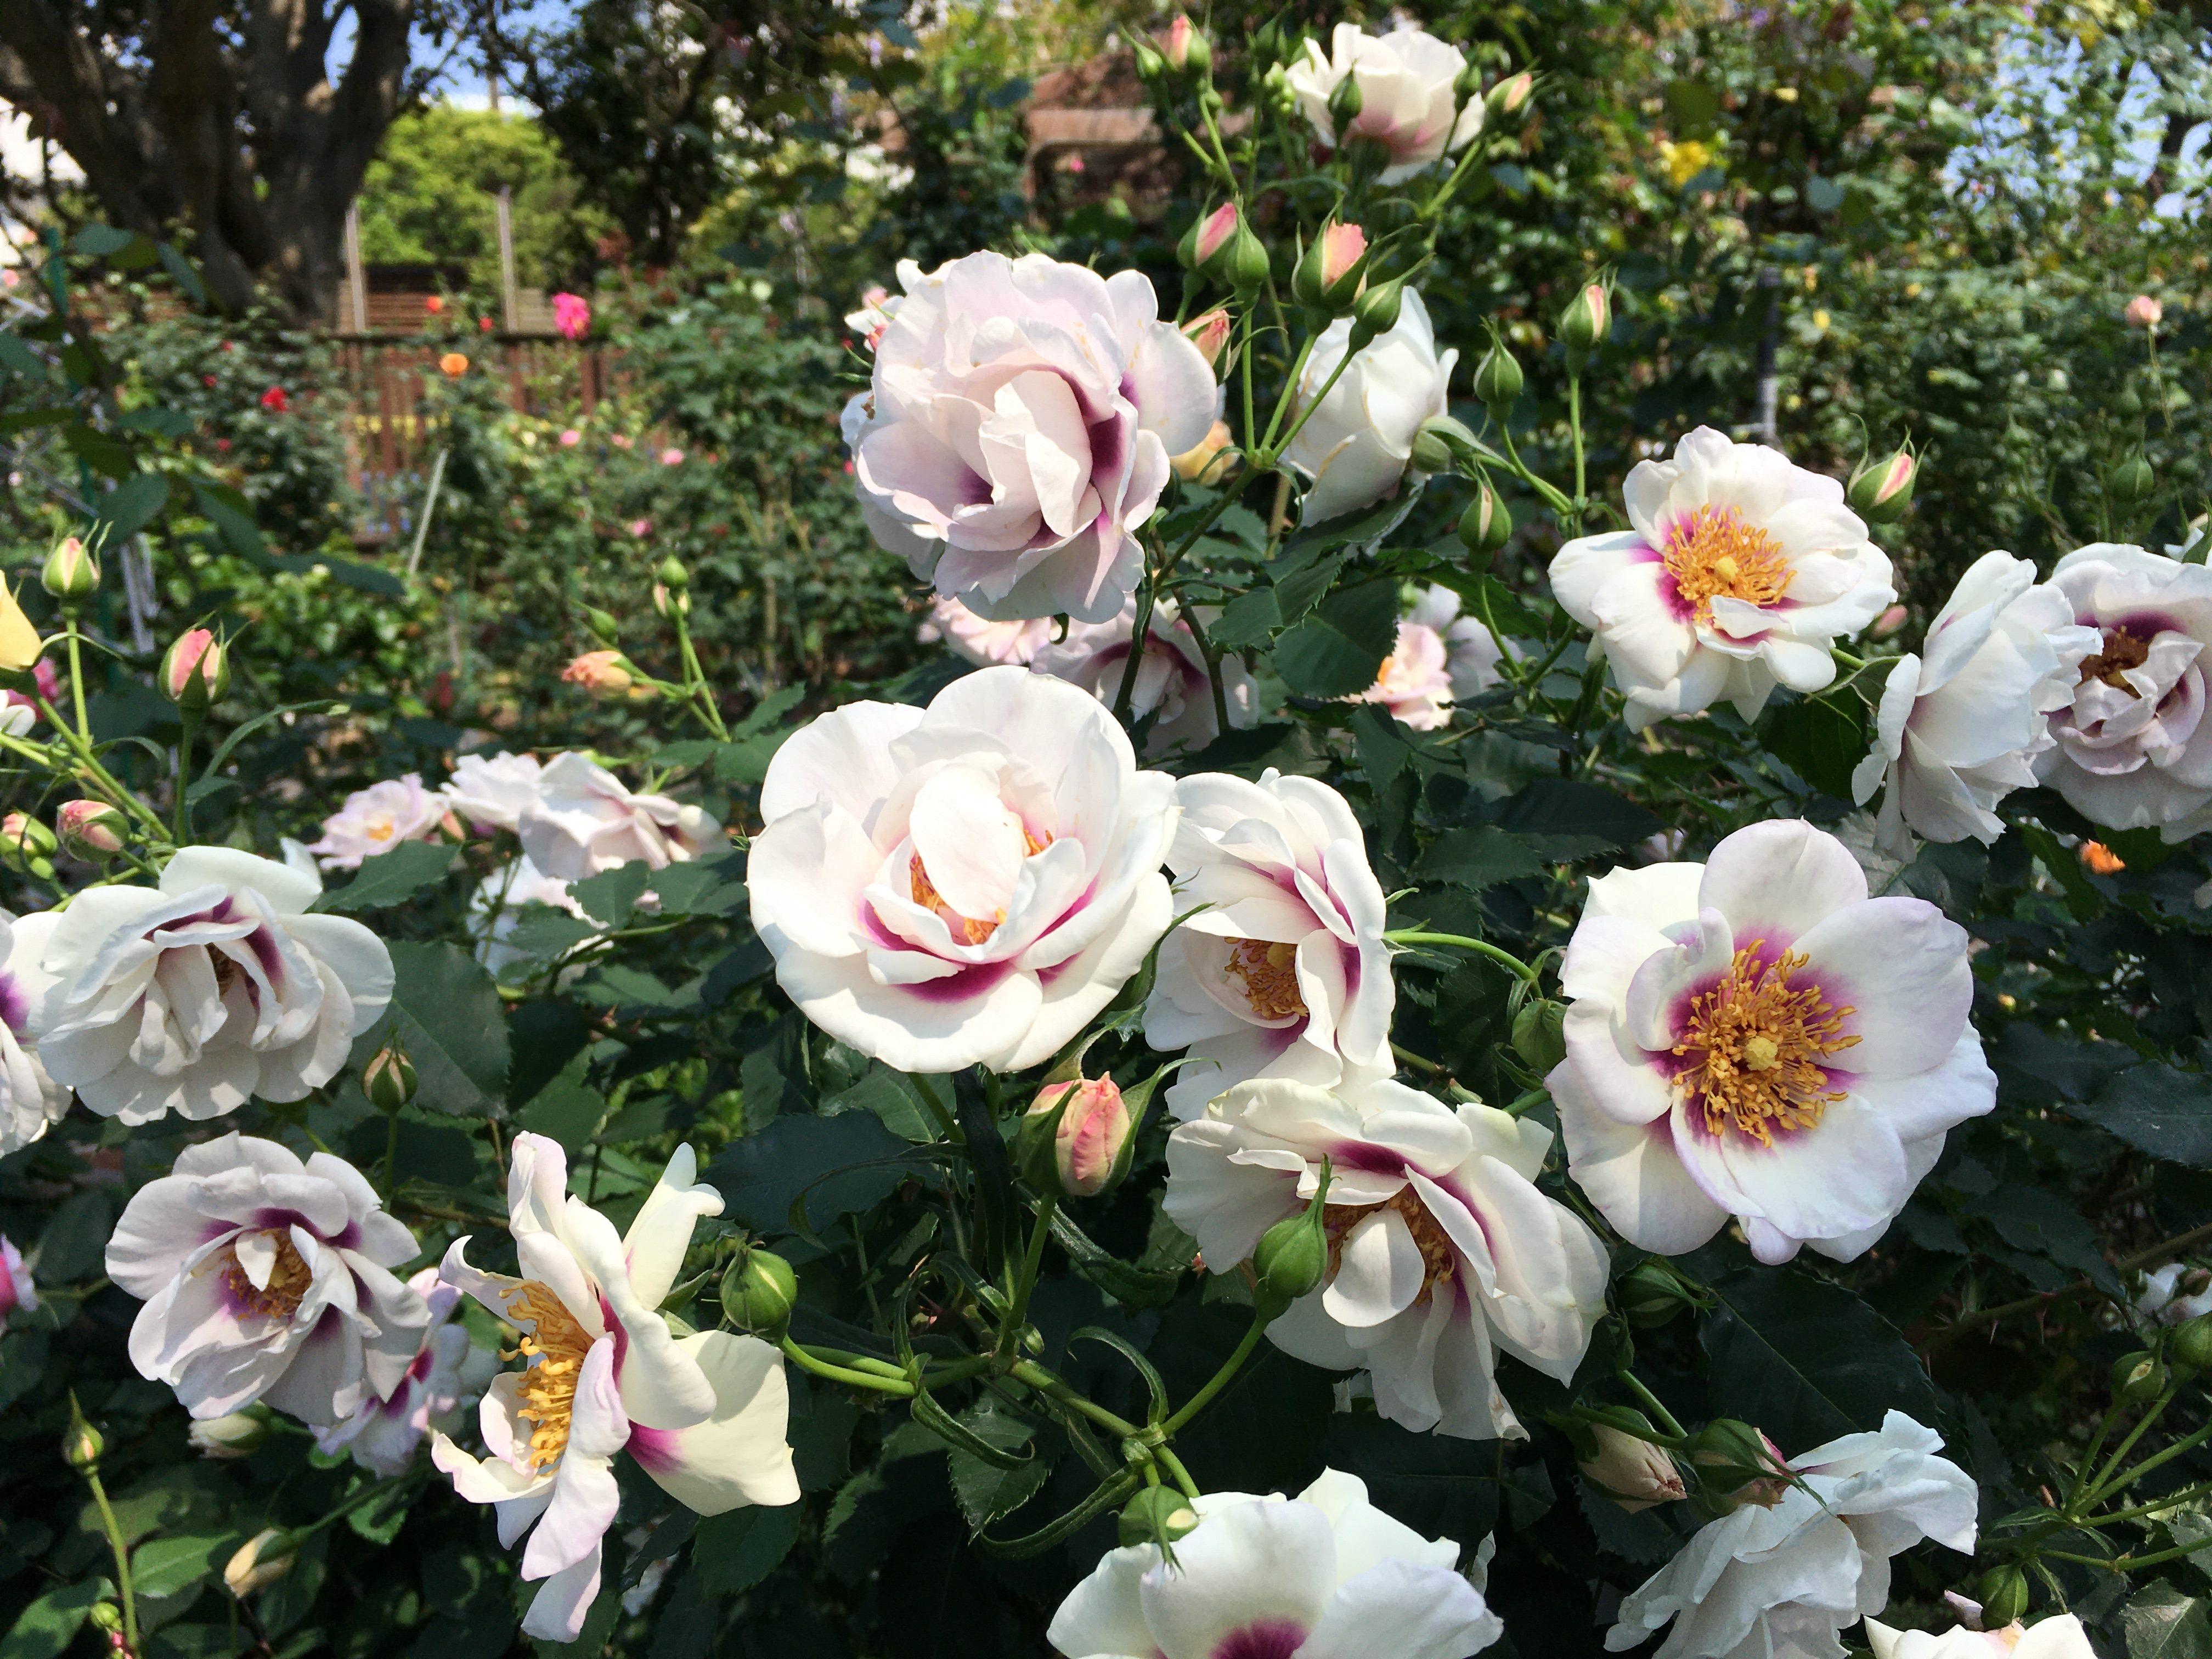 圖6「萬眾矚目」這款帶有強香特殊玫瑰,擁有獨一無二紫色斑塊的花心。